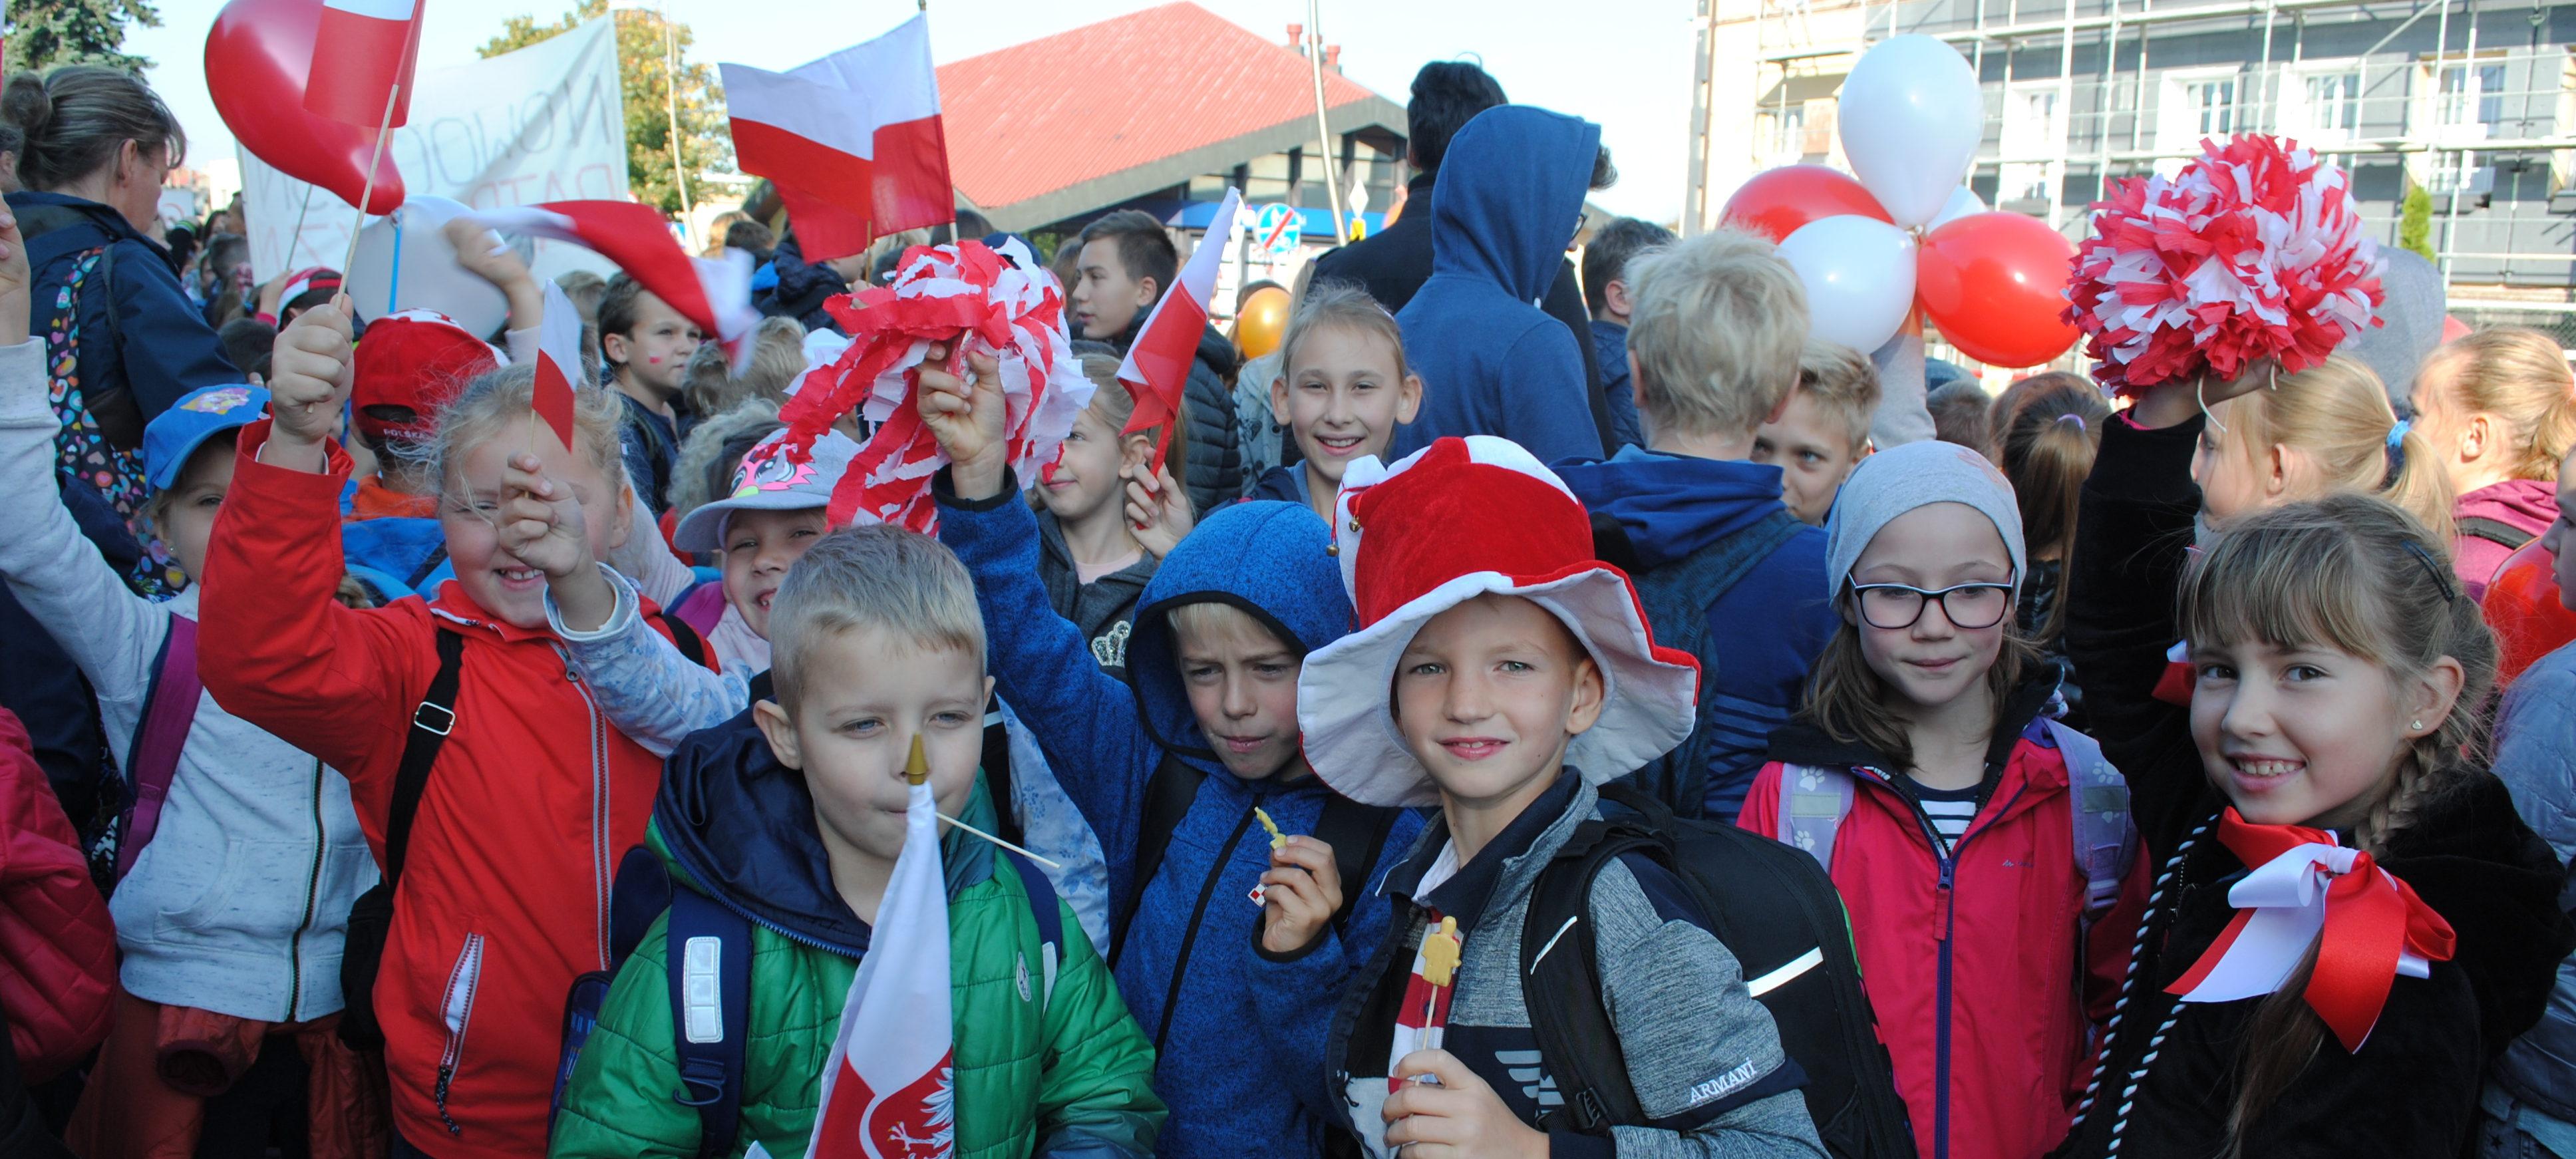 """Nasi uczniowie na marszu """"Nowoczesny patriotyzm"""" w piątek 29 września 2017r."""